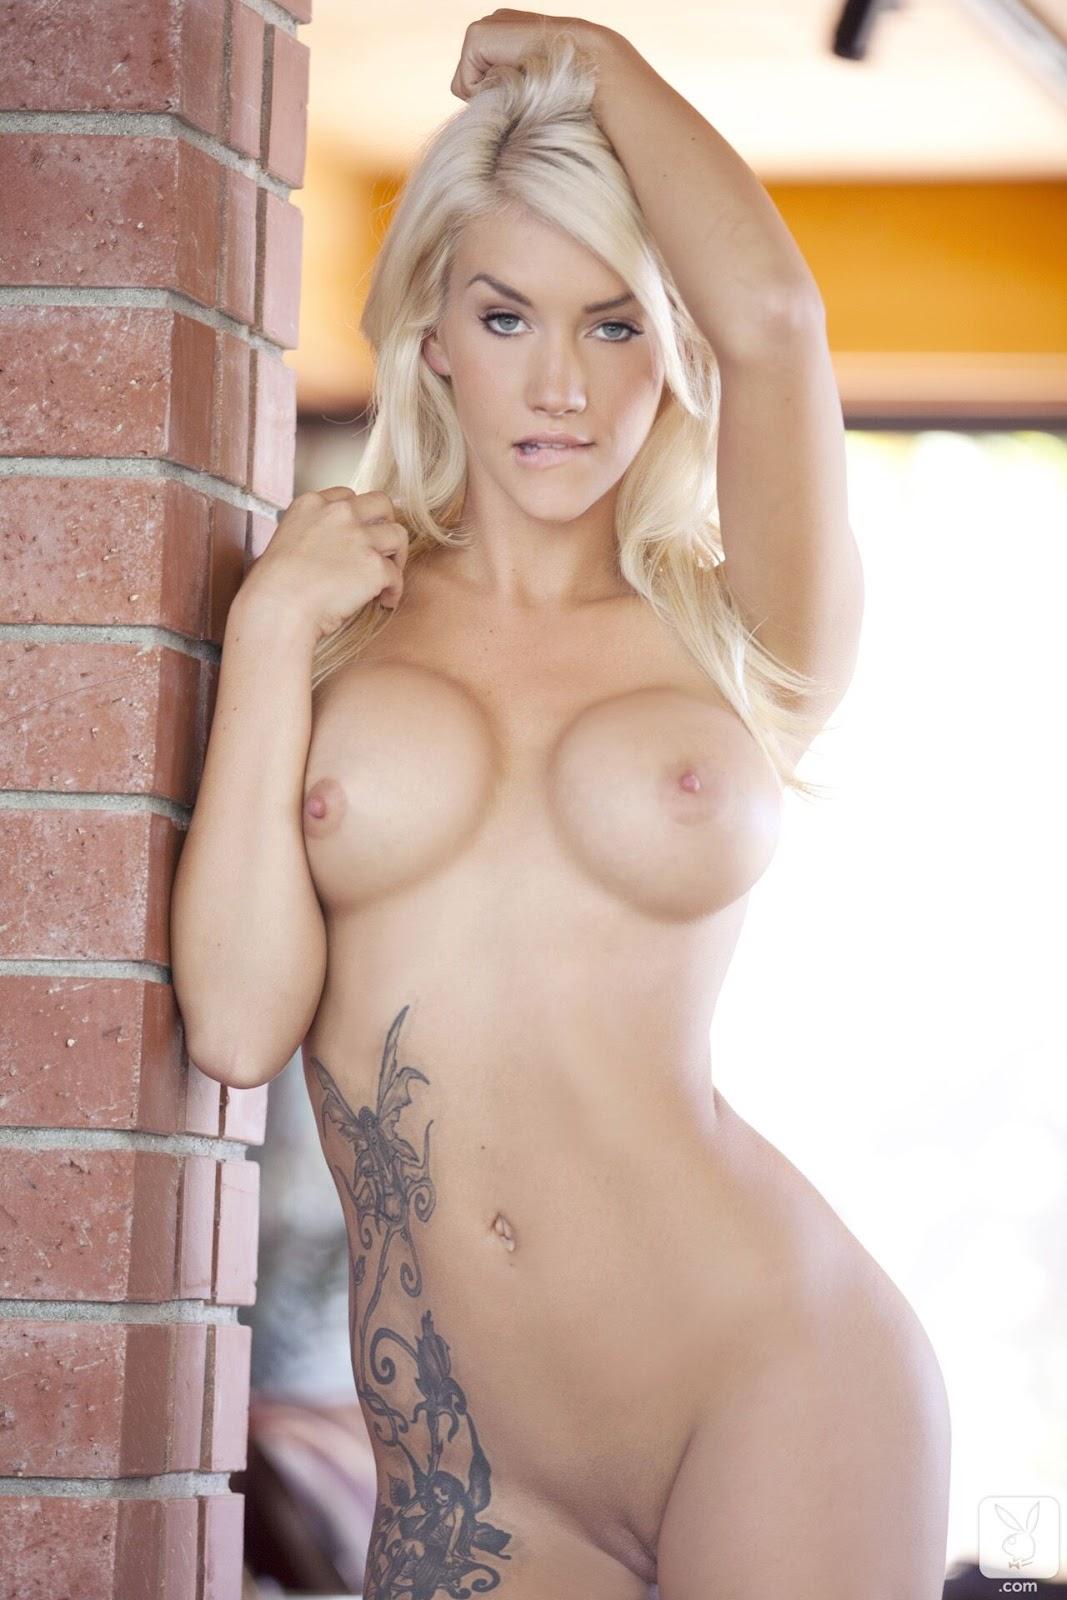 грудастая блондинка с татуировкой плейбоя подорожали земельные